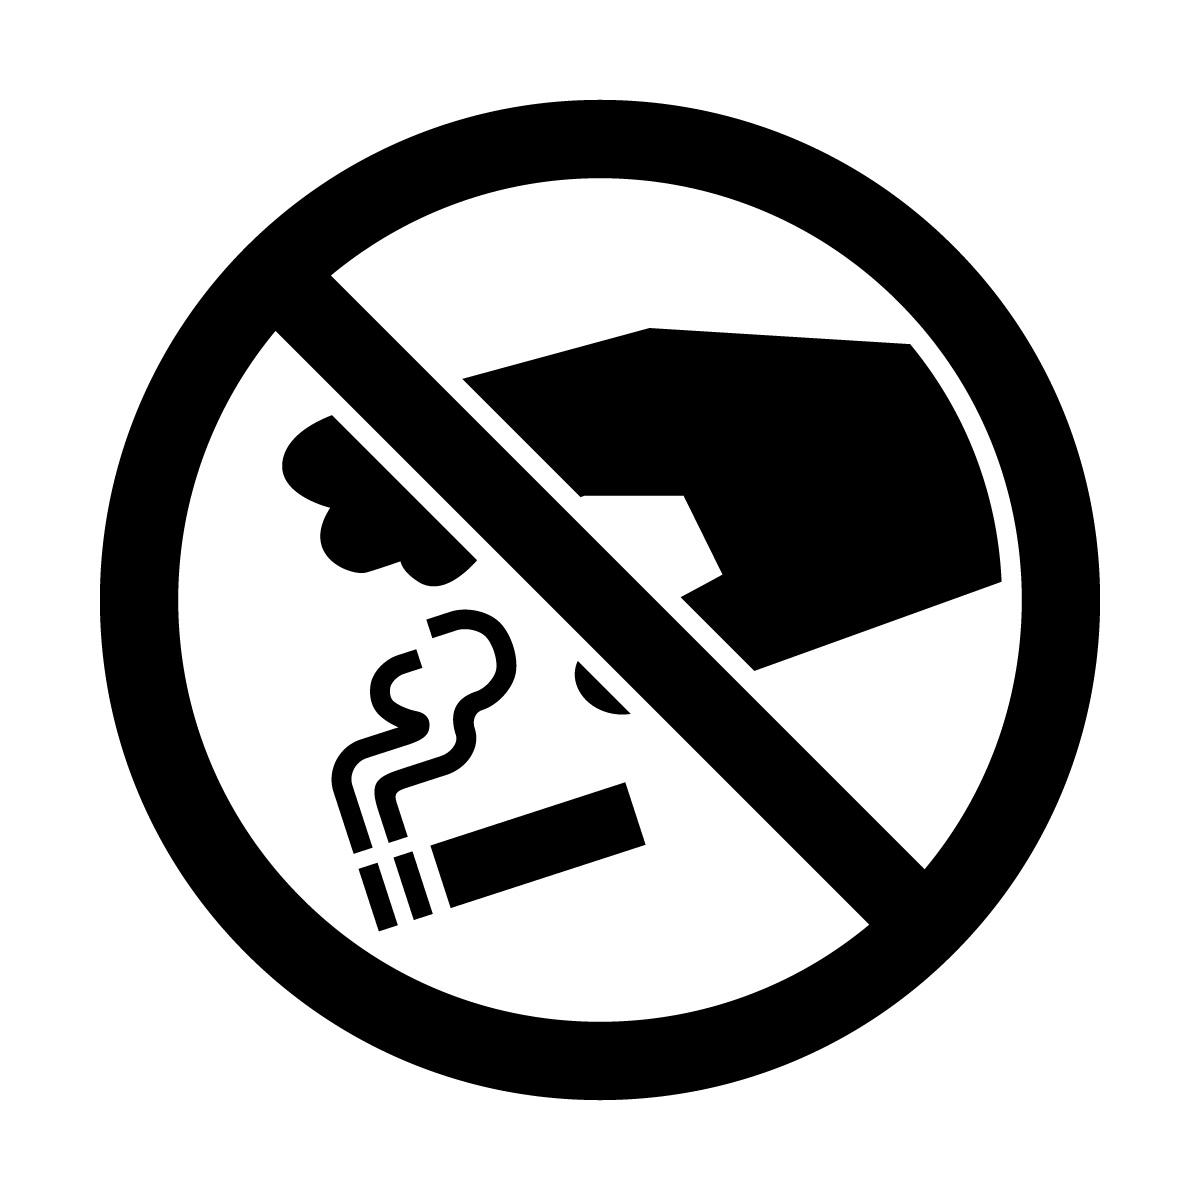 黒色のタバコのポイ捨て禁止マークのカッティングステッカー